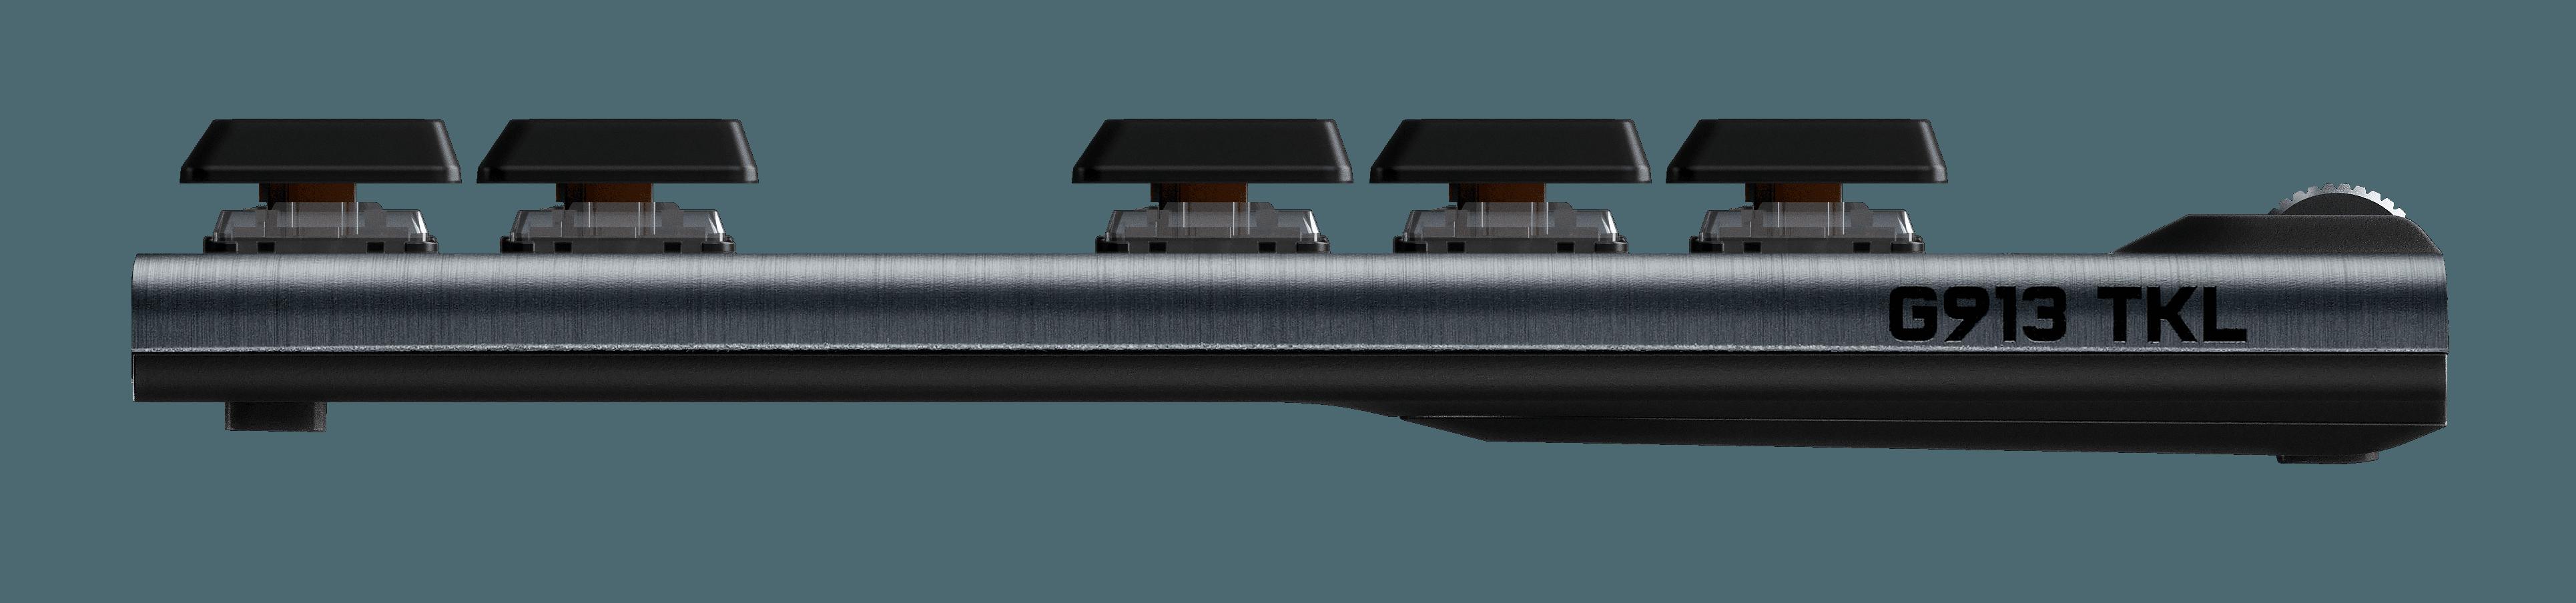 Logitech G915 Tkl: La Nuova Tastiera Meccanica Da Gaming Senza Tastierino Numerico 2 - Hynerd.it